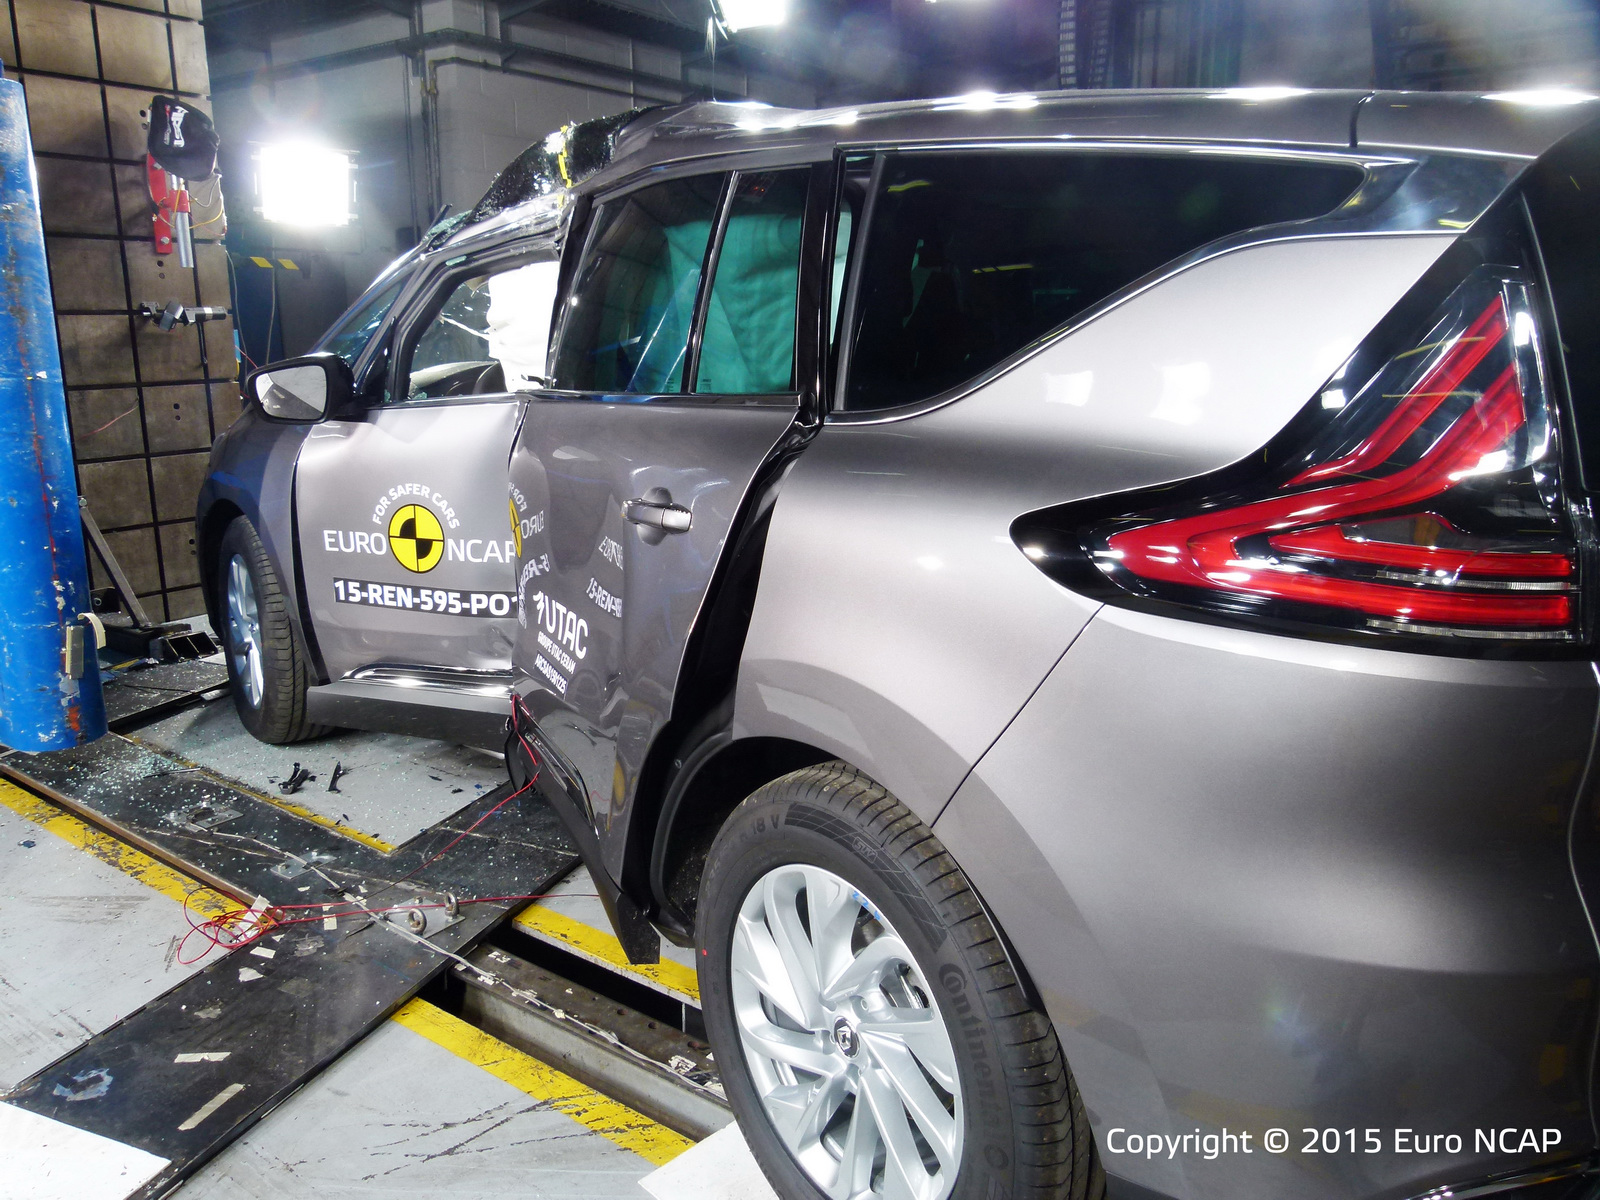 Euro NCAP: Los Renault Espace y Suzuki Vitara consiguen 5 estrellas, el Mazda2 y Fiat 500X se conforman con menos 3